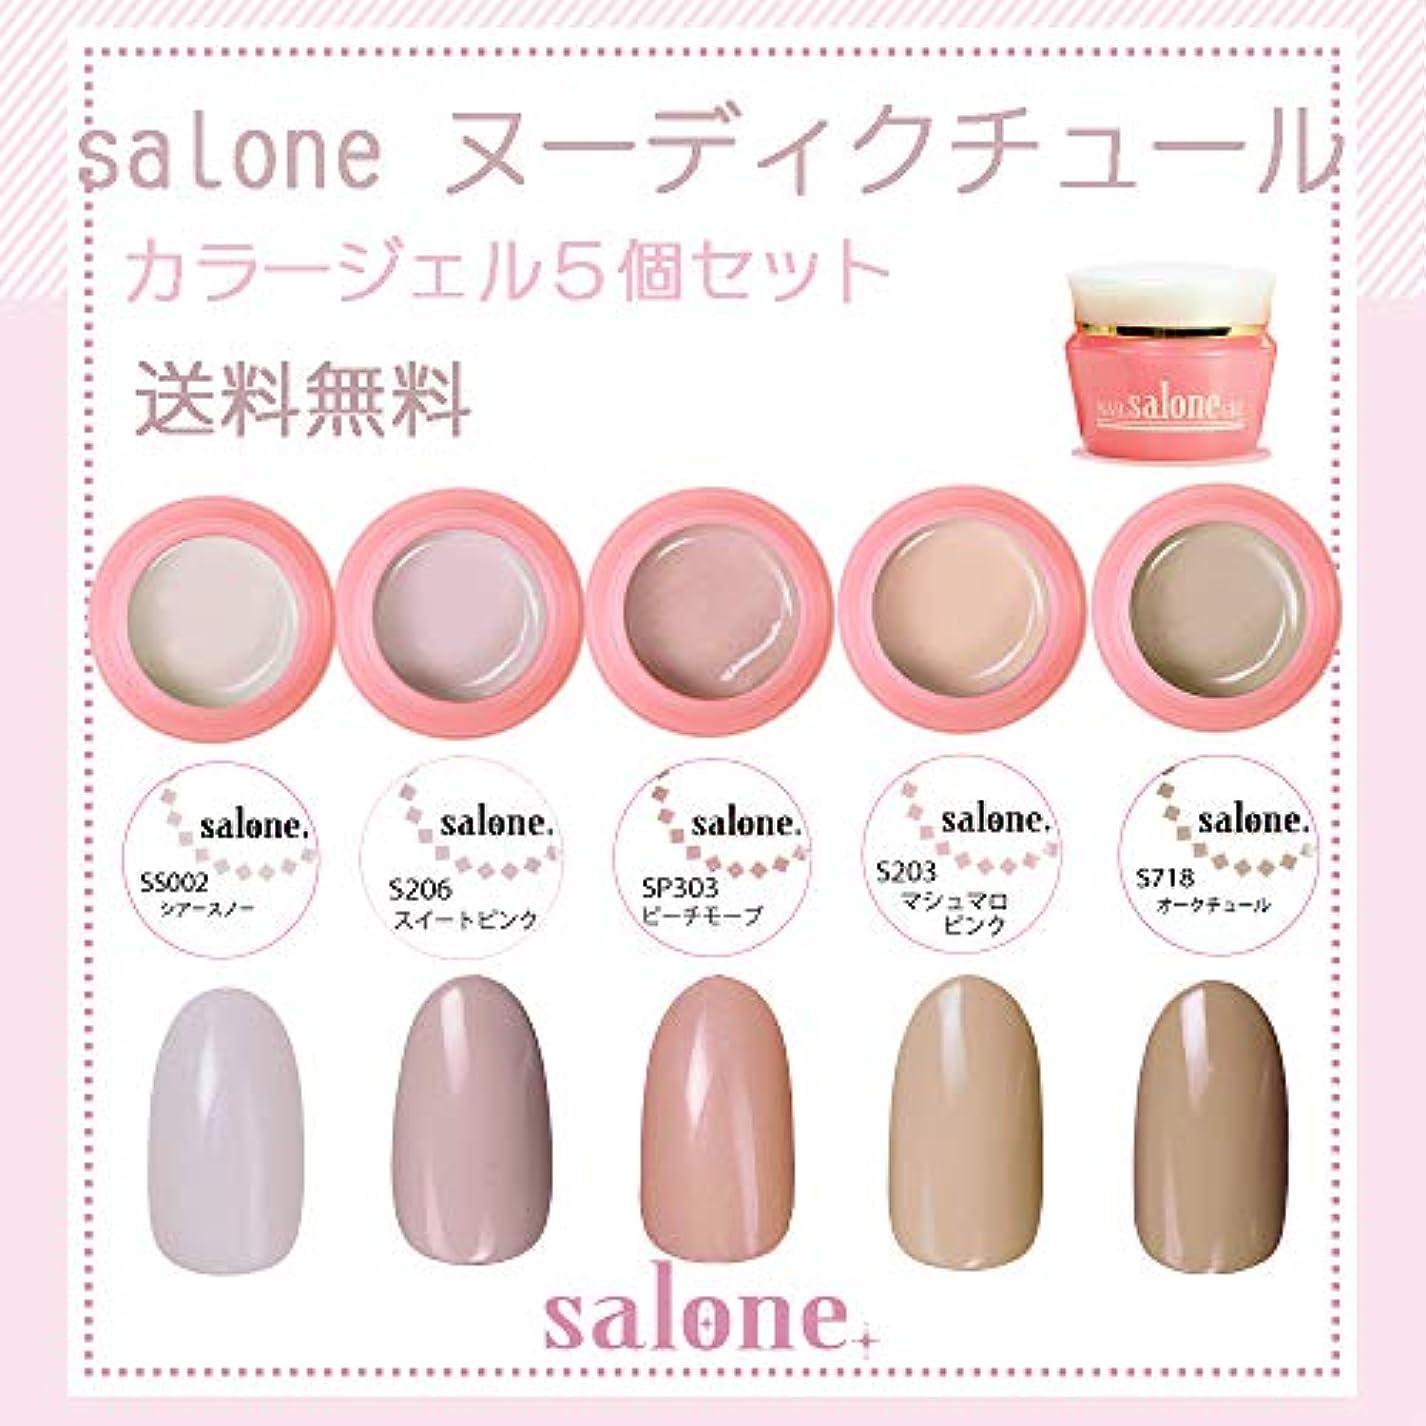 アウタースカウト自己尊重【送料無料 日本製】Salone ヌーディクチュール カラージェル5個セット 上品で肌なじみの良いカラー